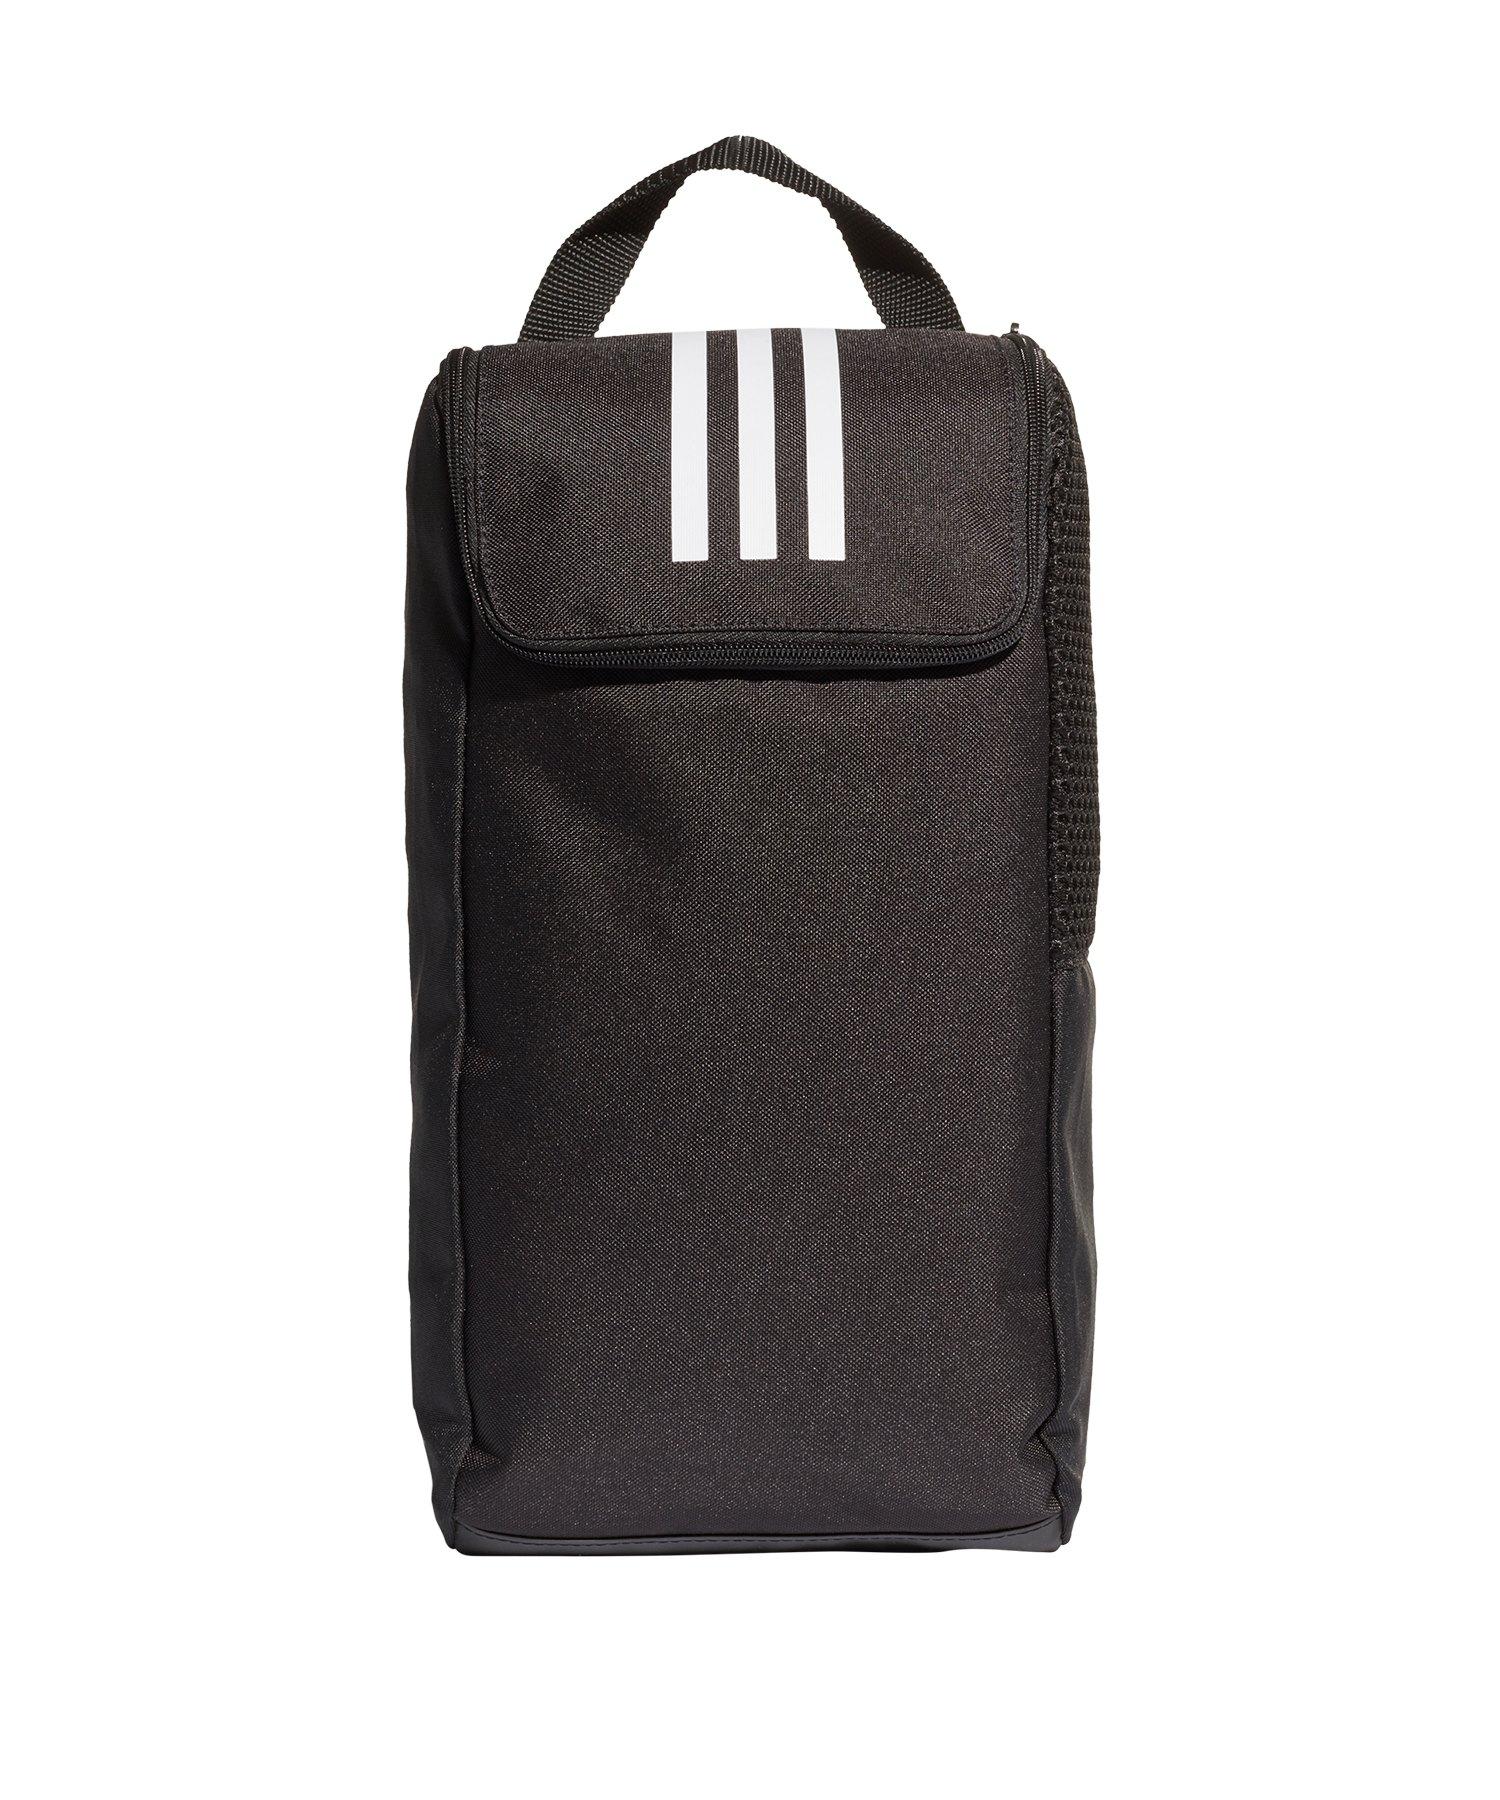 adidas Tiro Shoe Bag Schuhtasche Schwarz Weiss